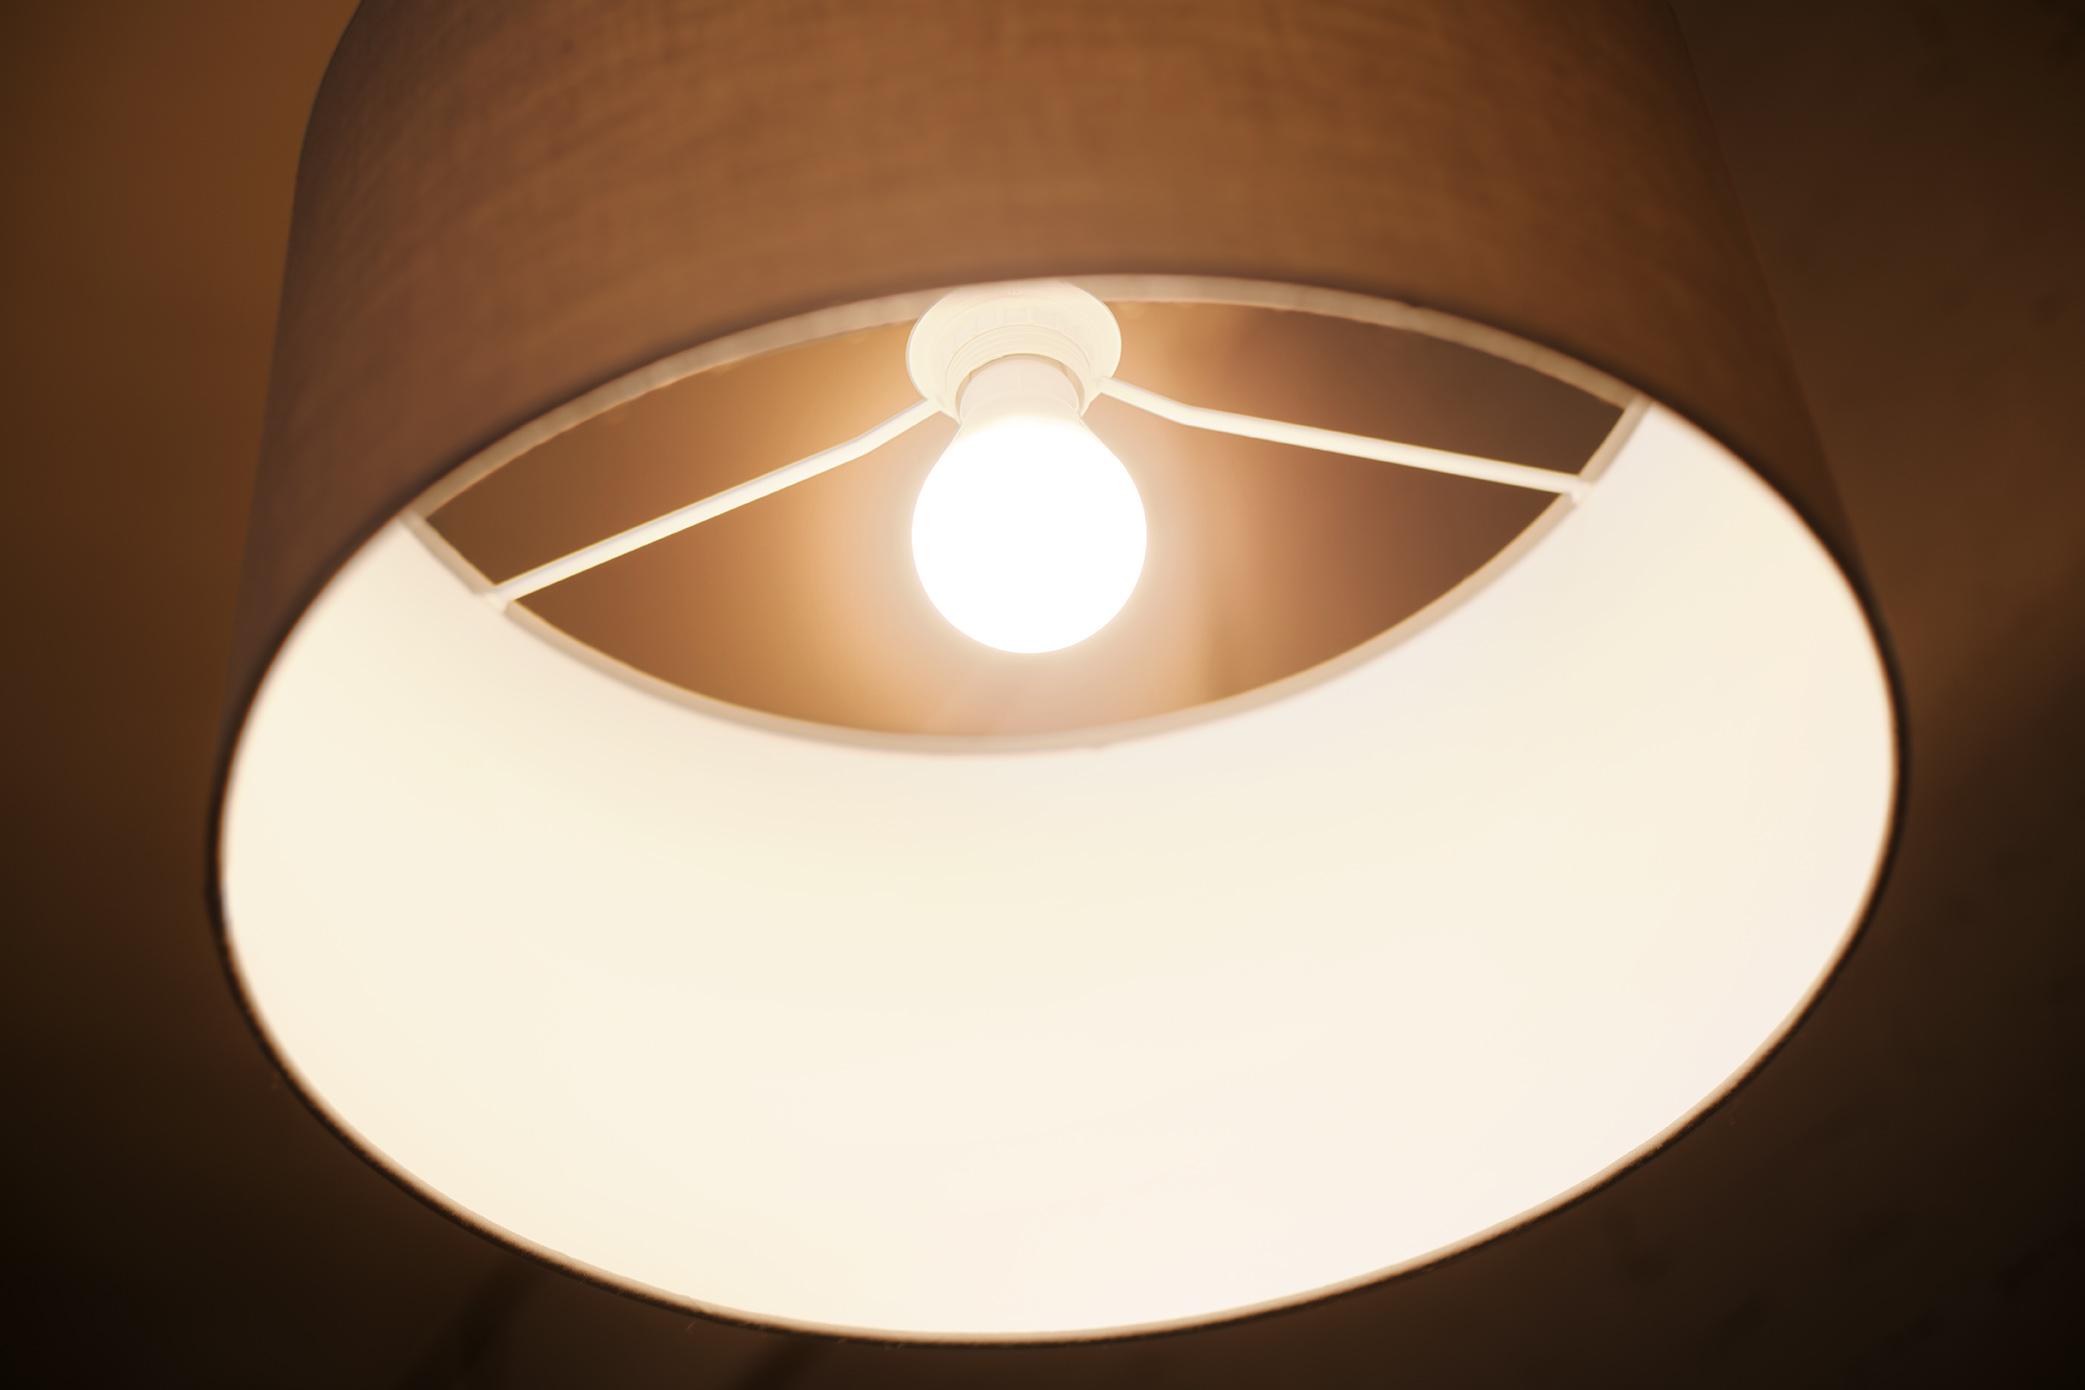 trois ambiances lumineuses avec une seule lampe news. Black Bedroom Furniture Sets. Home Design Ideas